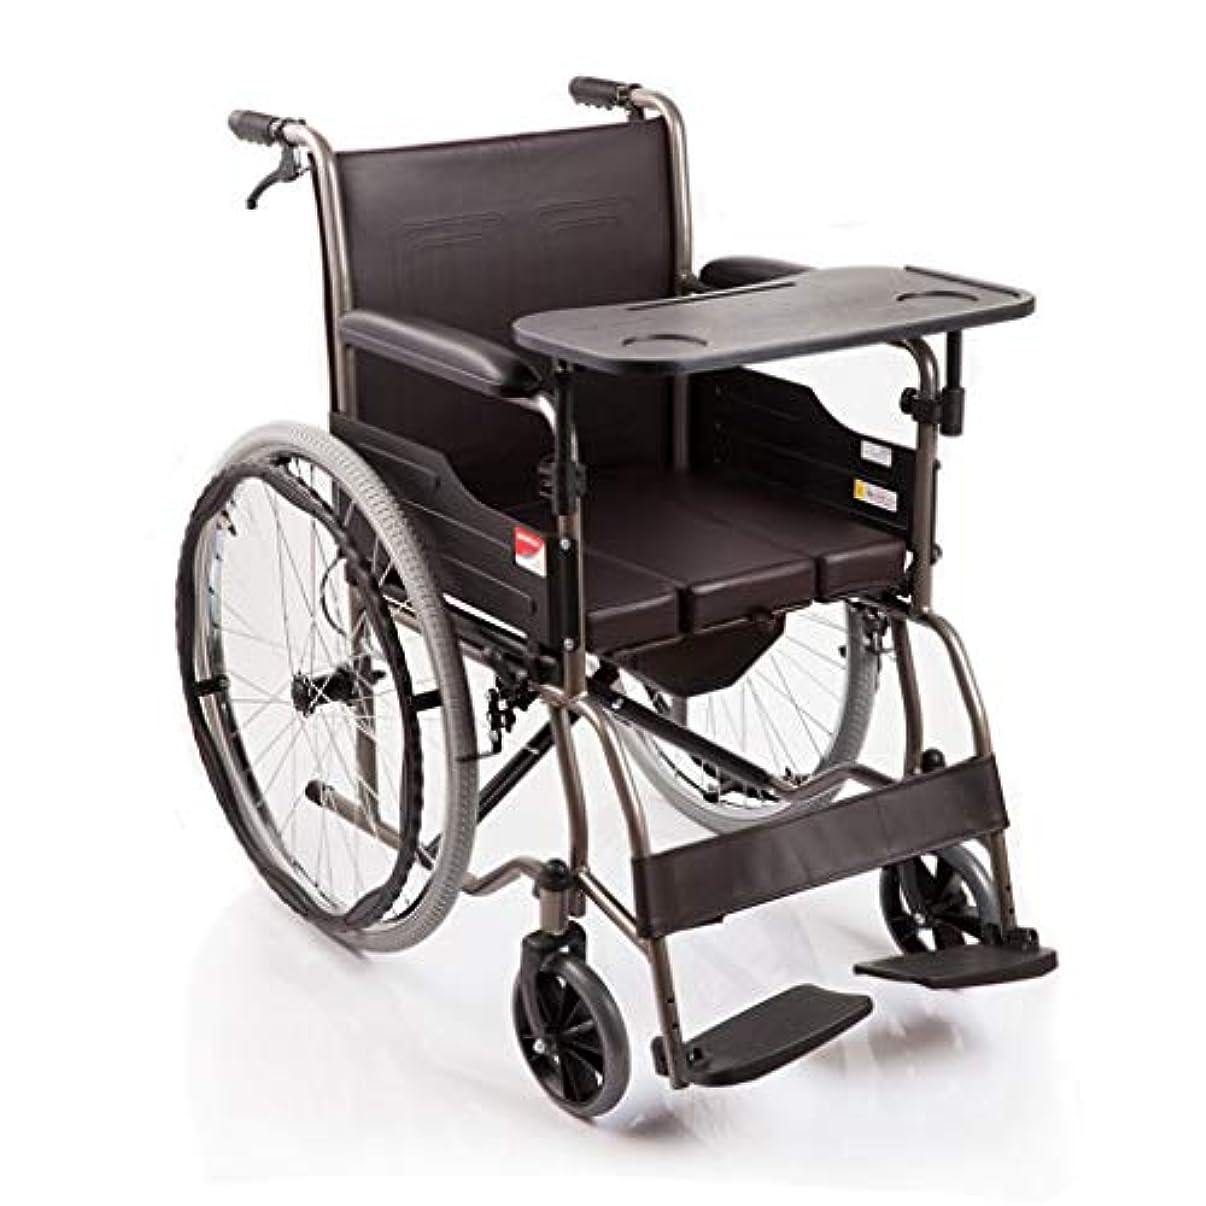 審判開示する止まる手動車椅子シミュレーションレザーシートクッション、多機能車椅子、高齢者用屋外折りたたみ式トイレデザイン車椅子